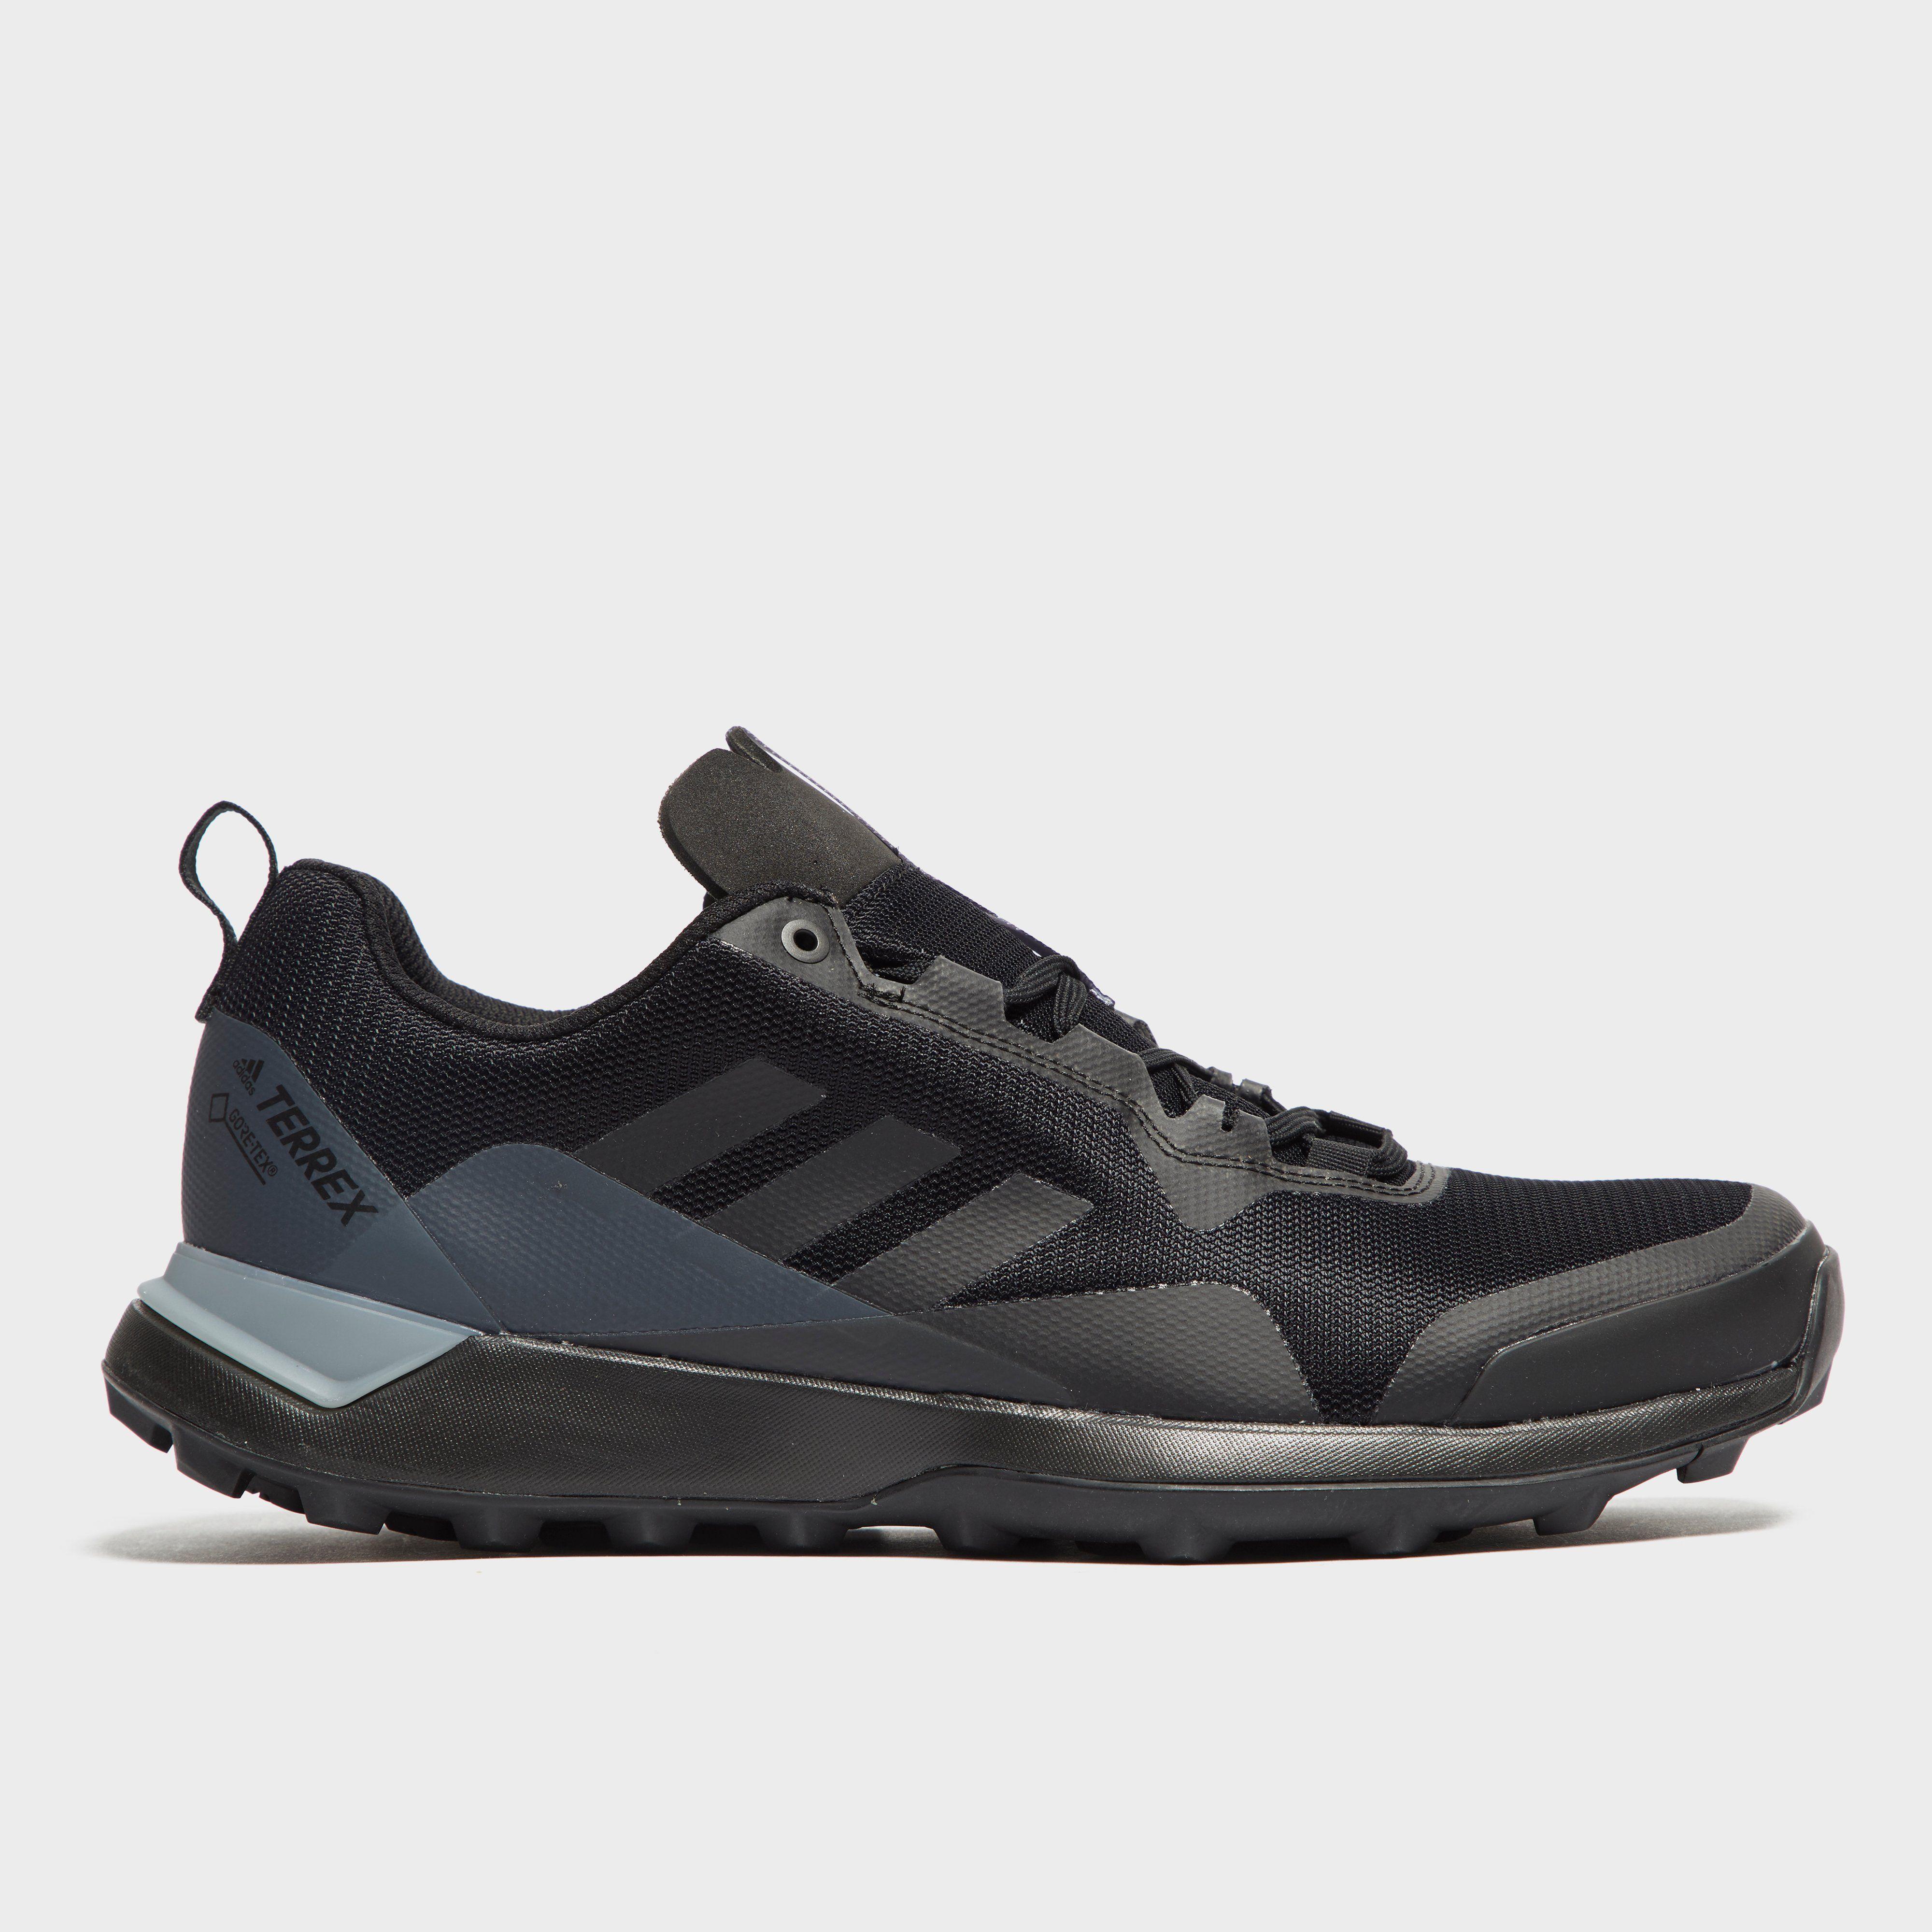 ADIDAS Men's TERREX CMTK GORE-TEX® Shoe